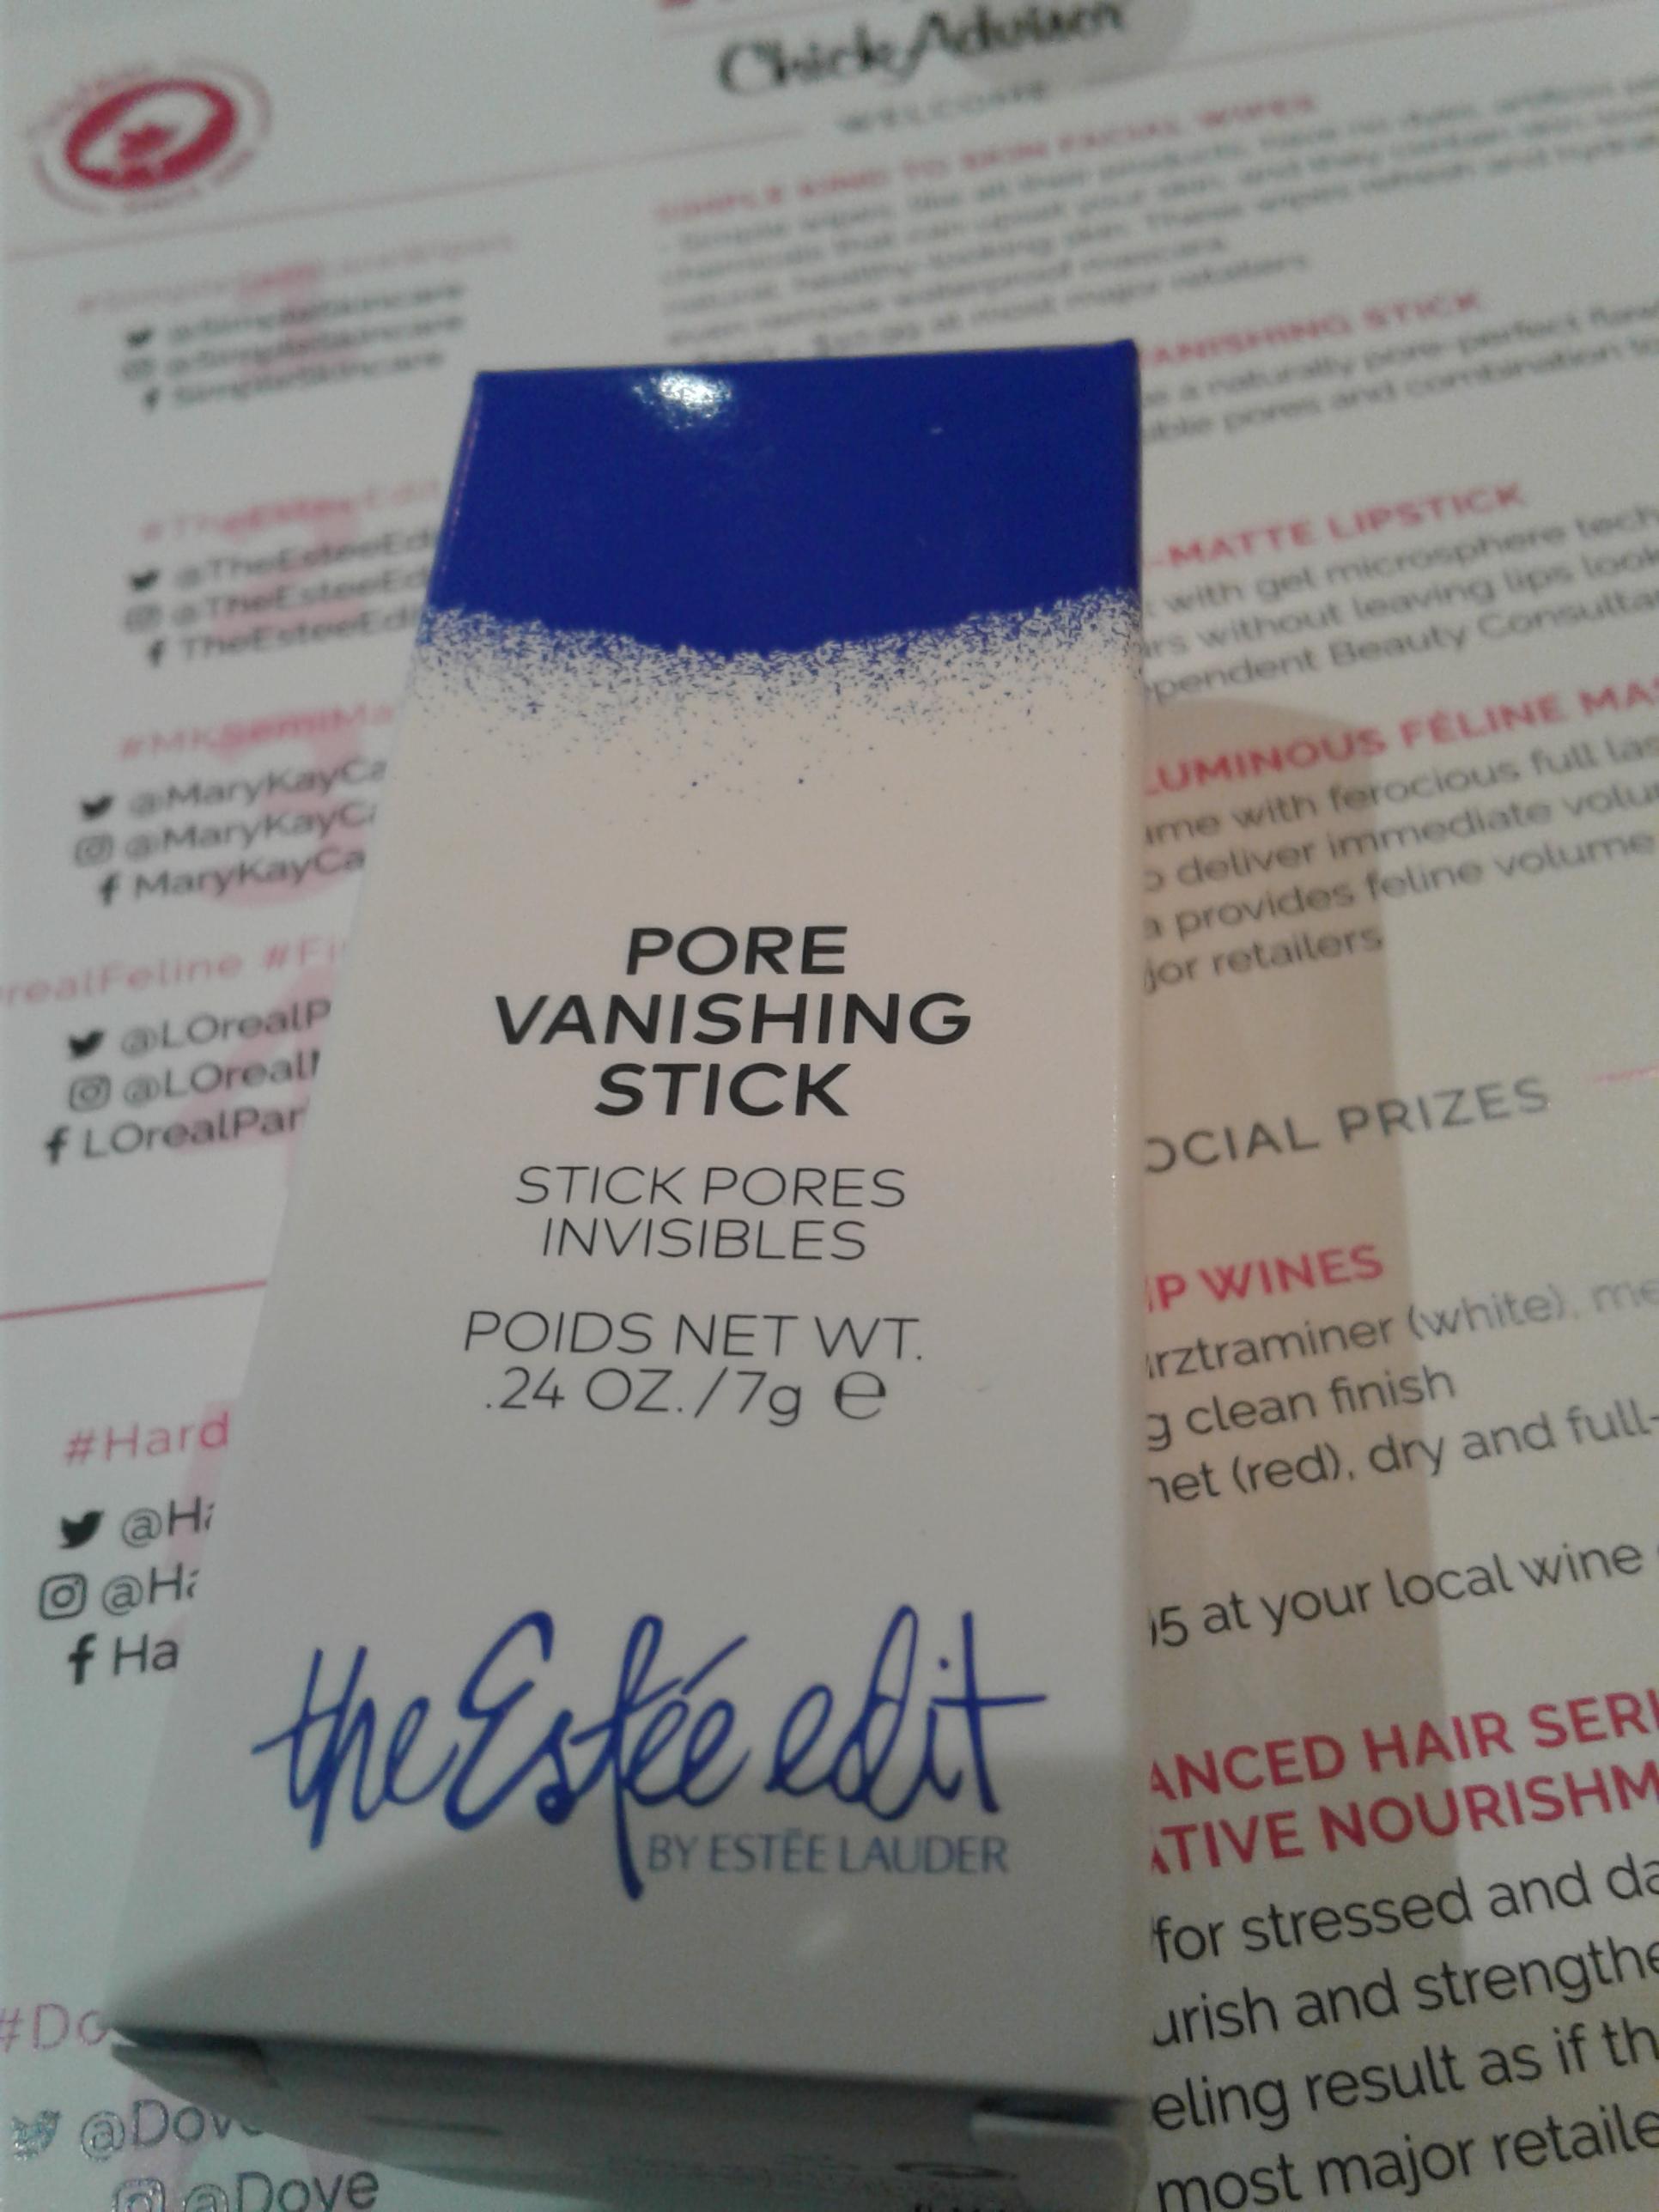 estee lauder pore vanishing stick review